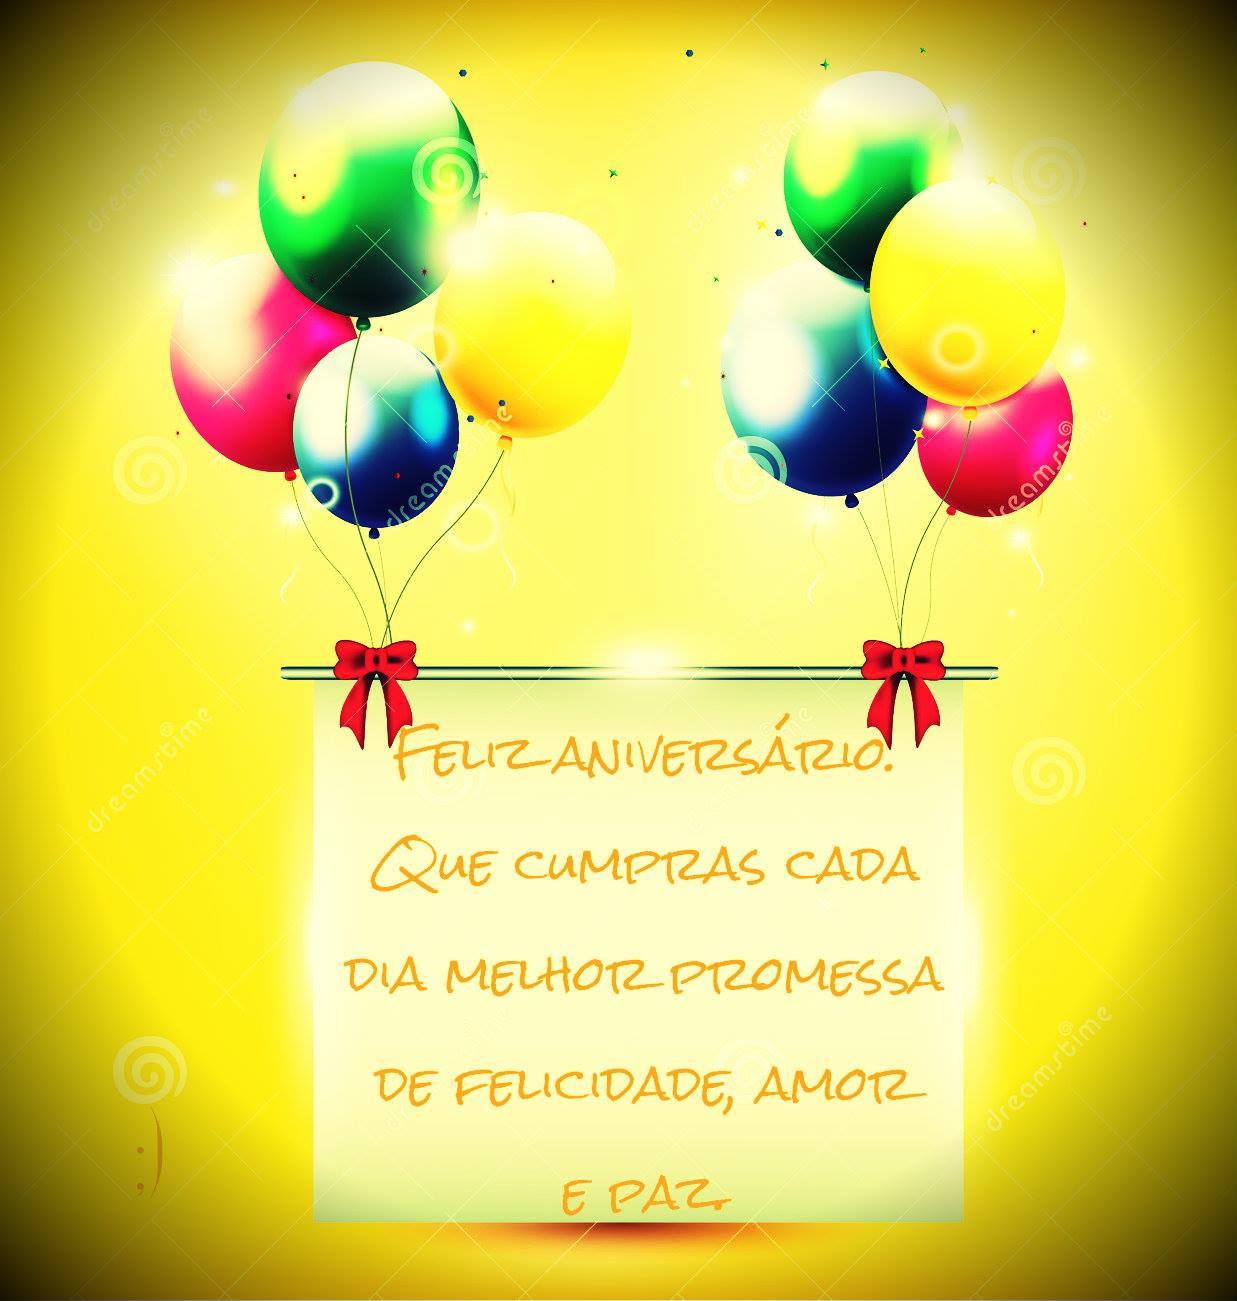 Feliz aniversário amor e paz